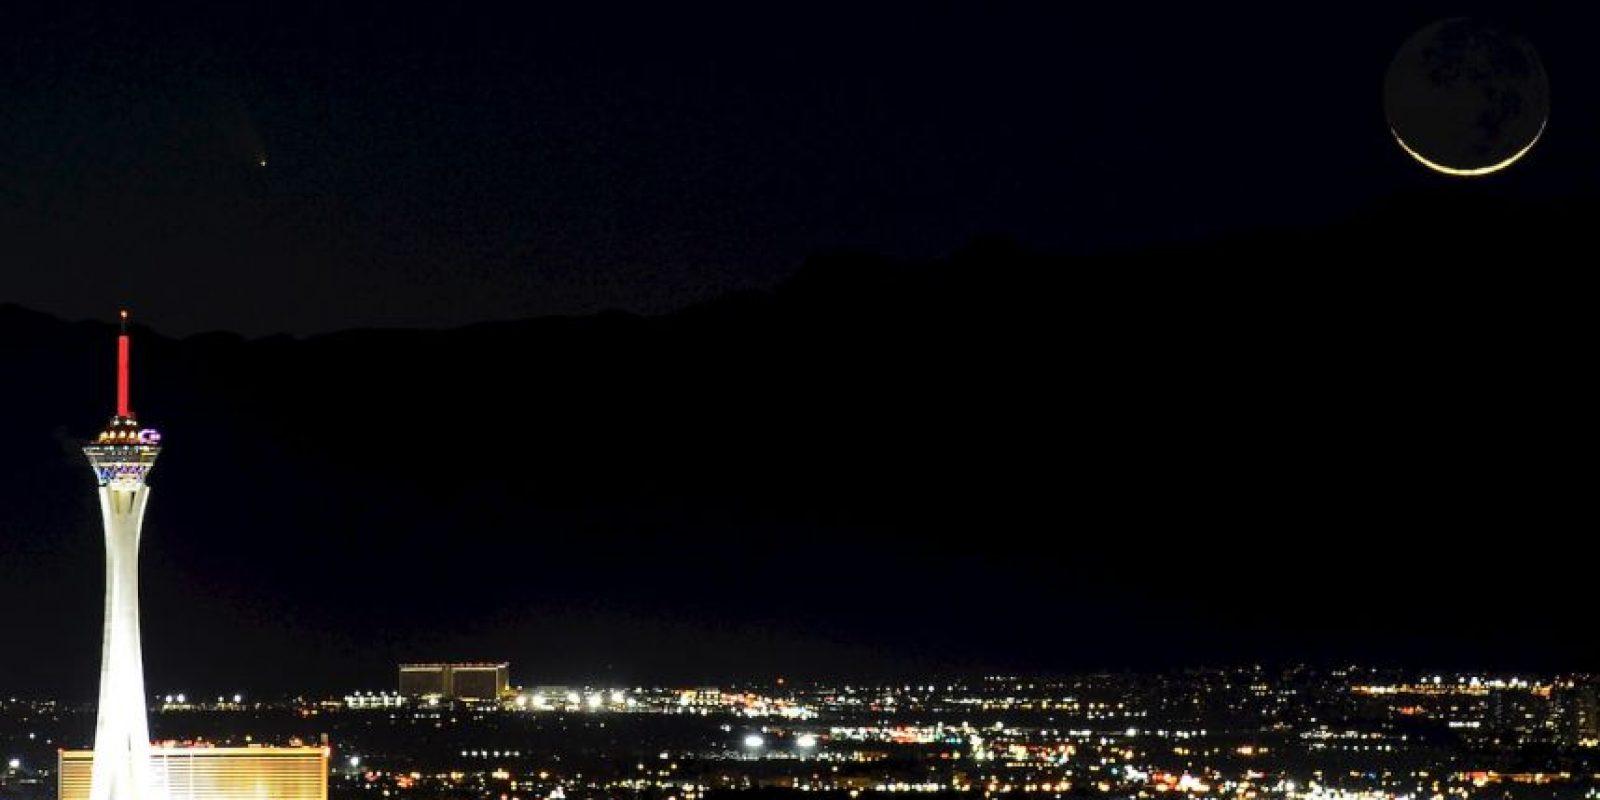 Imagen del cometa PanSTARRS, que tuvo su punto más cercano a la Tierra el 12 de marzo de 2013. La fotografía fue tomada en Las Vegas, Estados Unidos. Foto:Getty Images. Imagen Por: